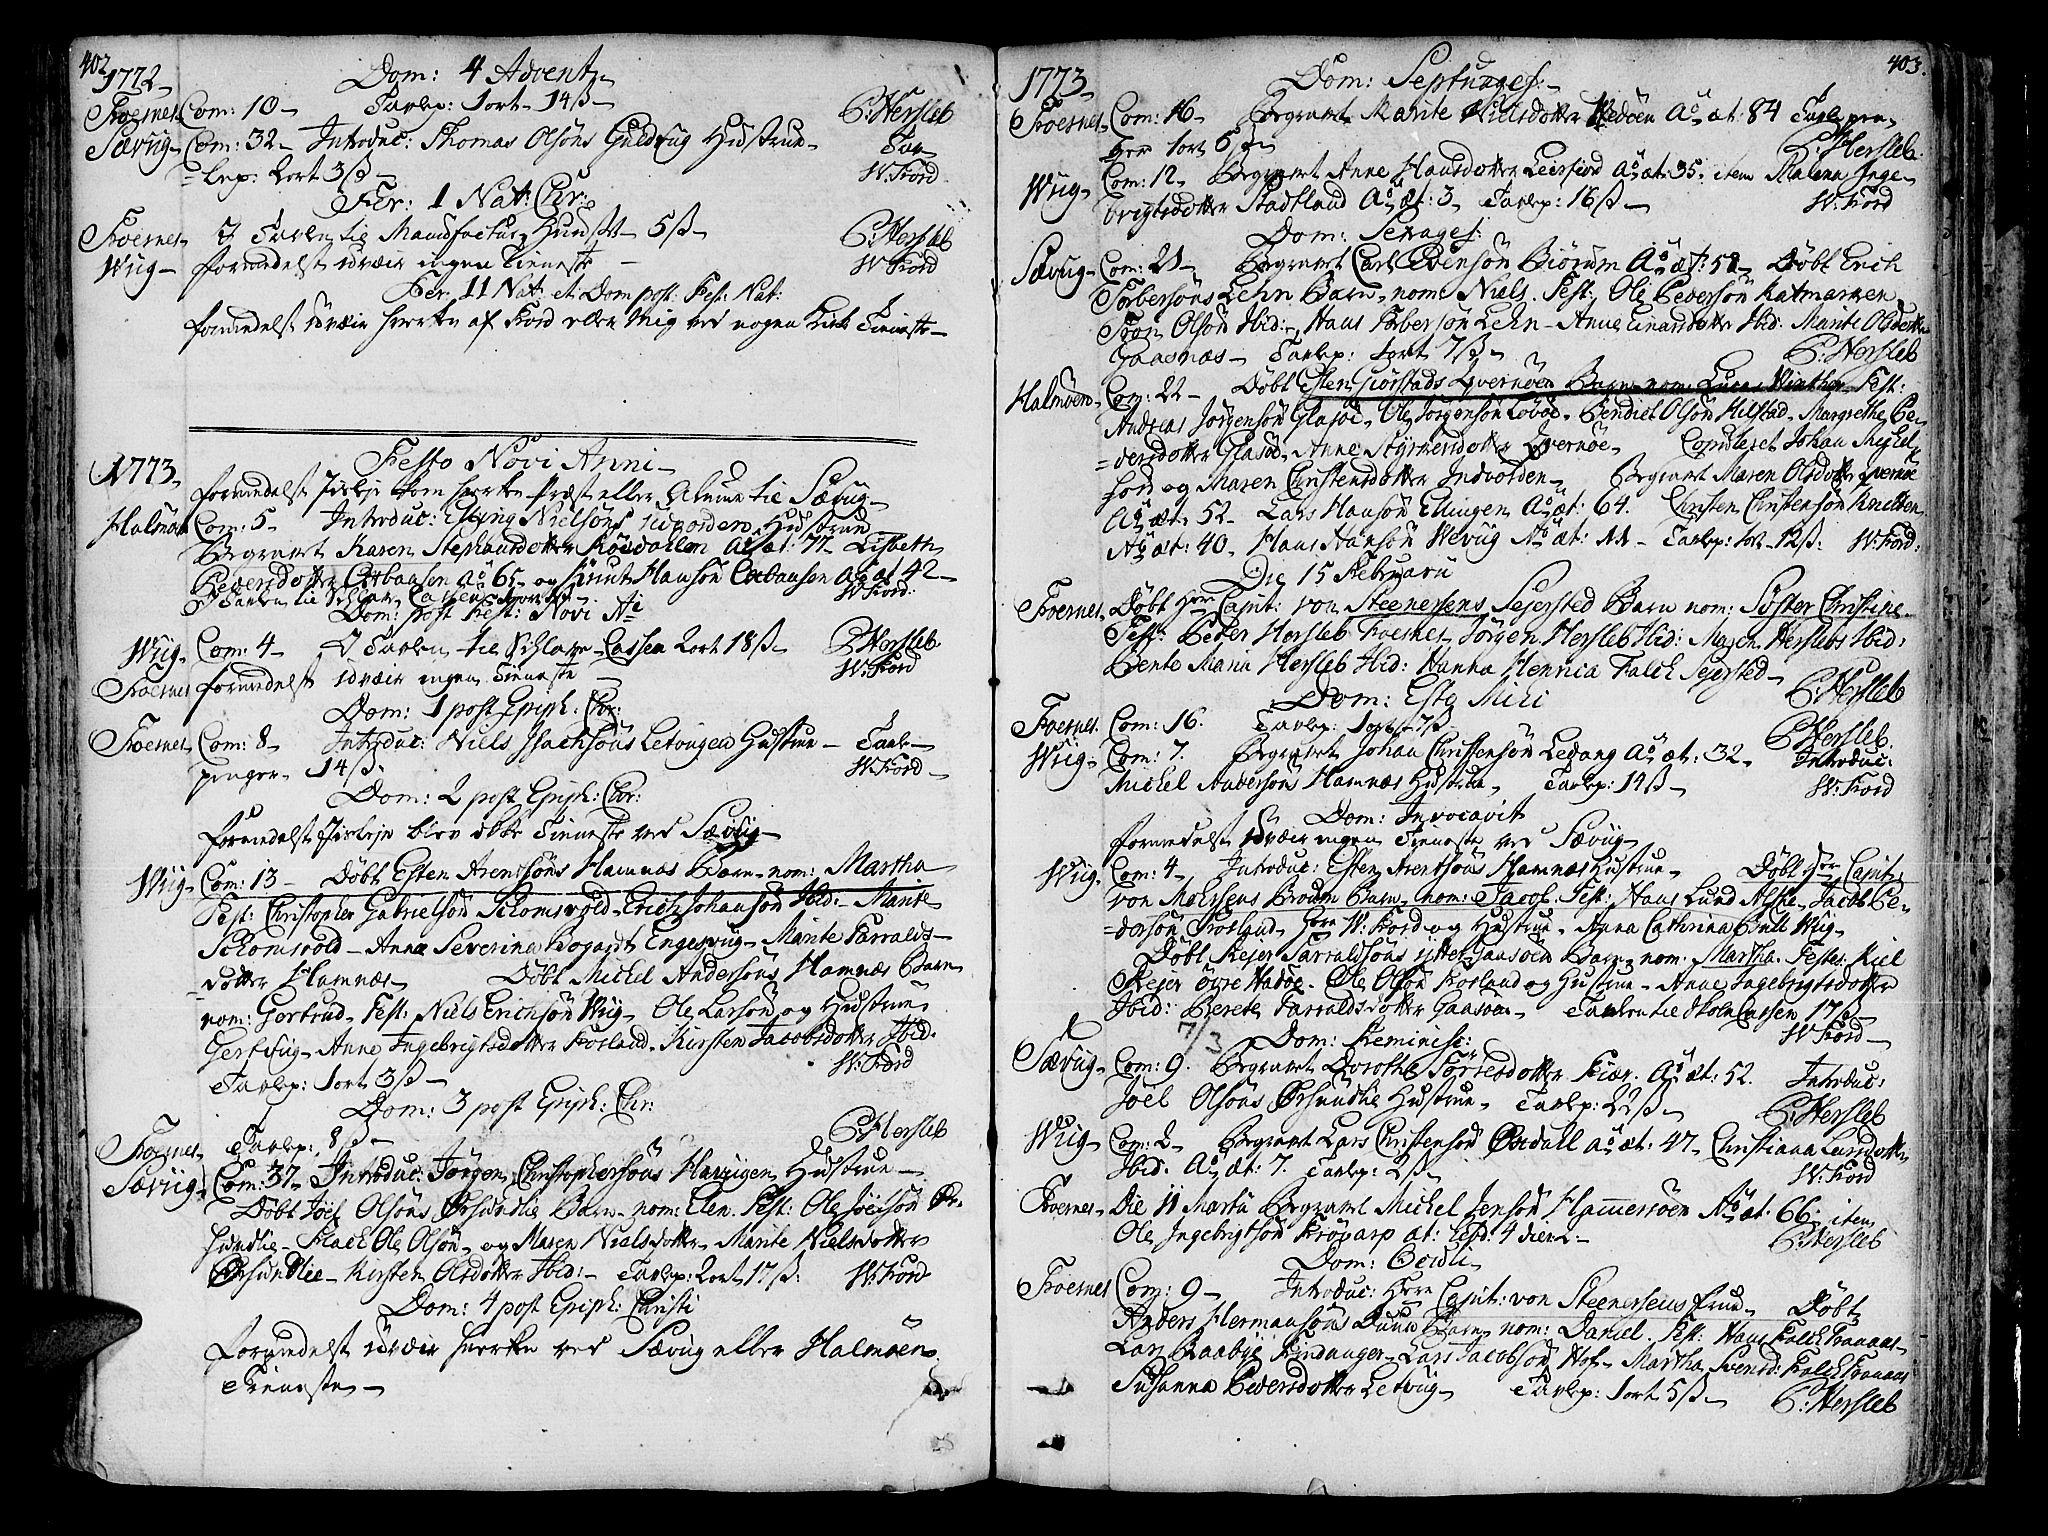 SAT, Ministerialprotokoller, klokkerbøker og fødselsregistre - Nord-Trøndelag, 773/L0607: Ministerialbok nr. 773A01, 1751-1783, s. 402-403